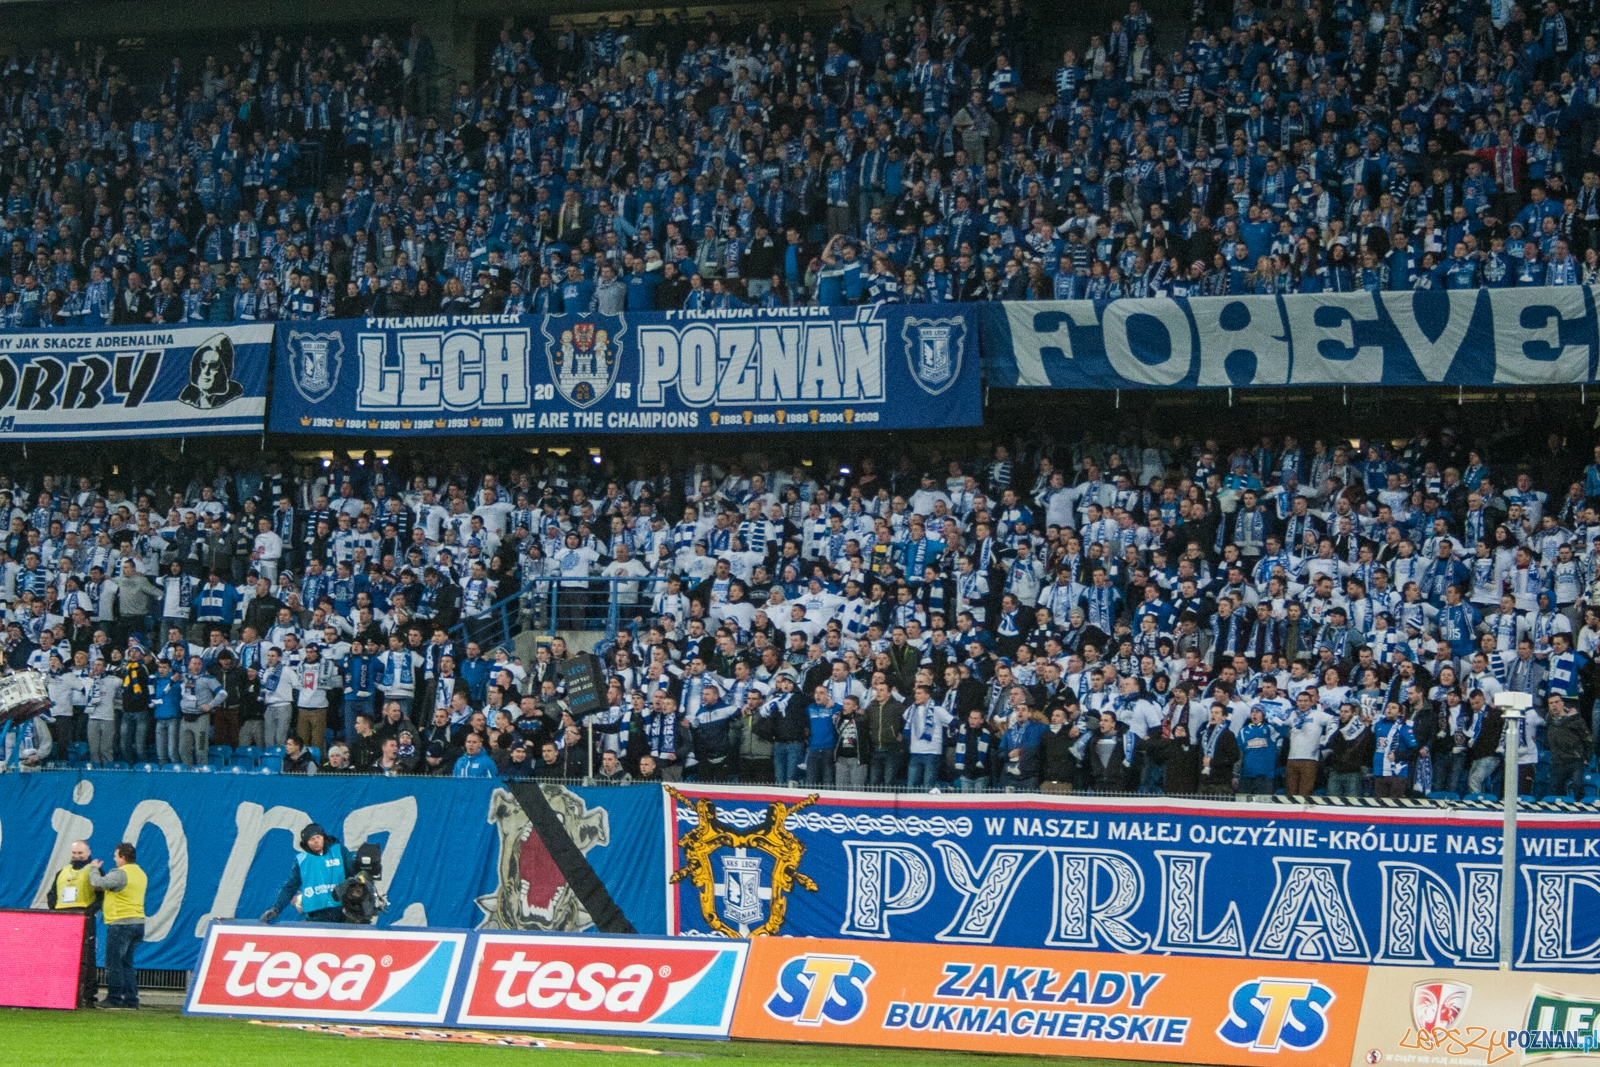 Lech Poznań - Śląsk Wrocław 0:1 (1.04.2016) 29. kolejka Ekst  Foto: © lepszyPOZNAN.pl / Karolina Kiraga